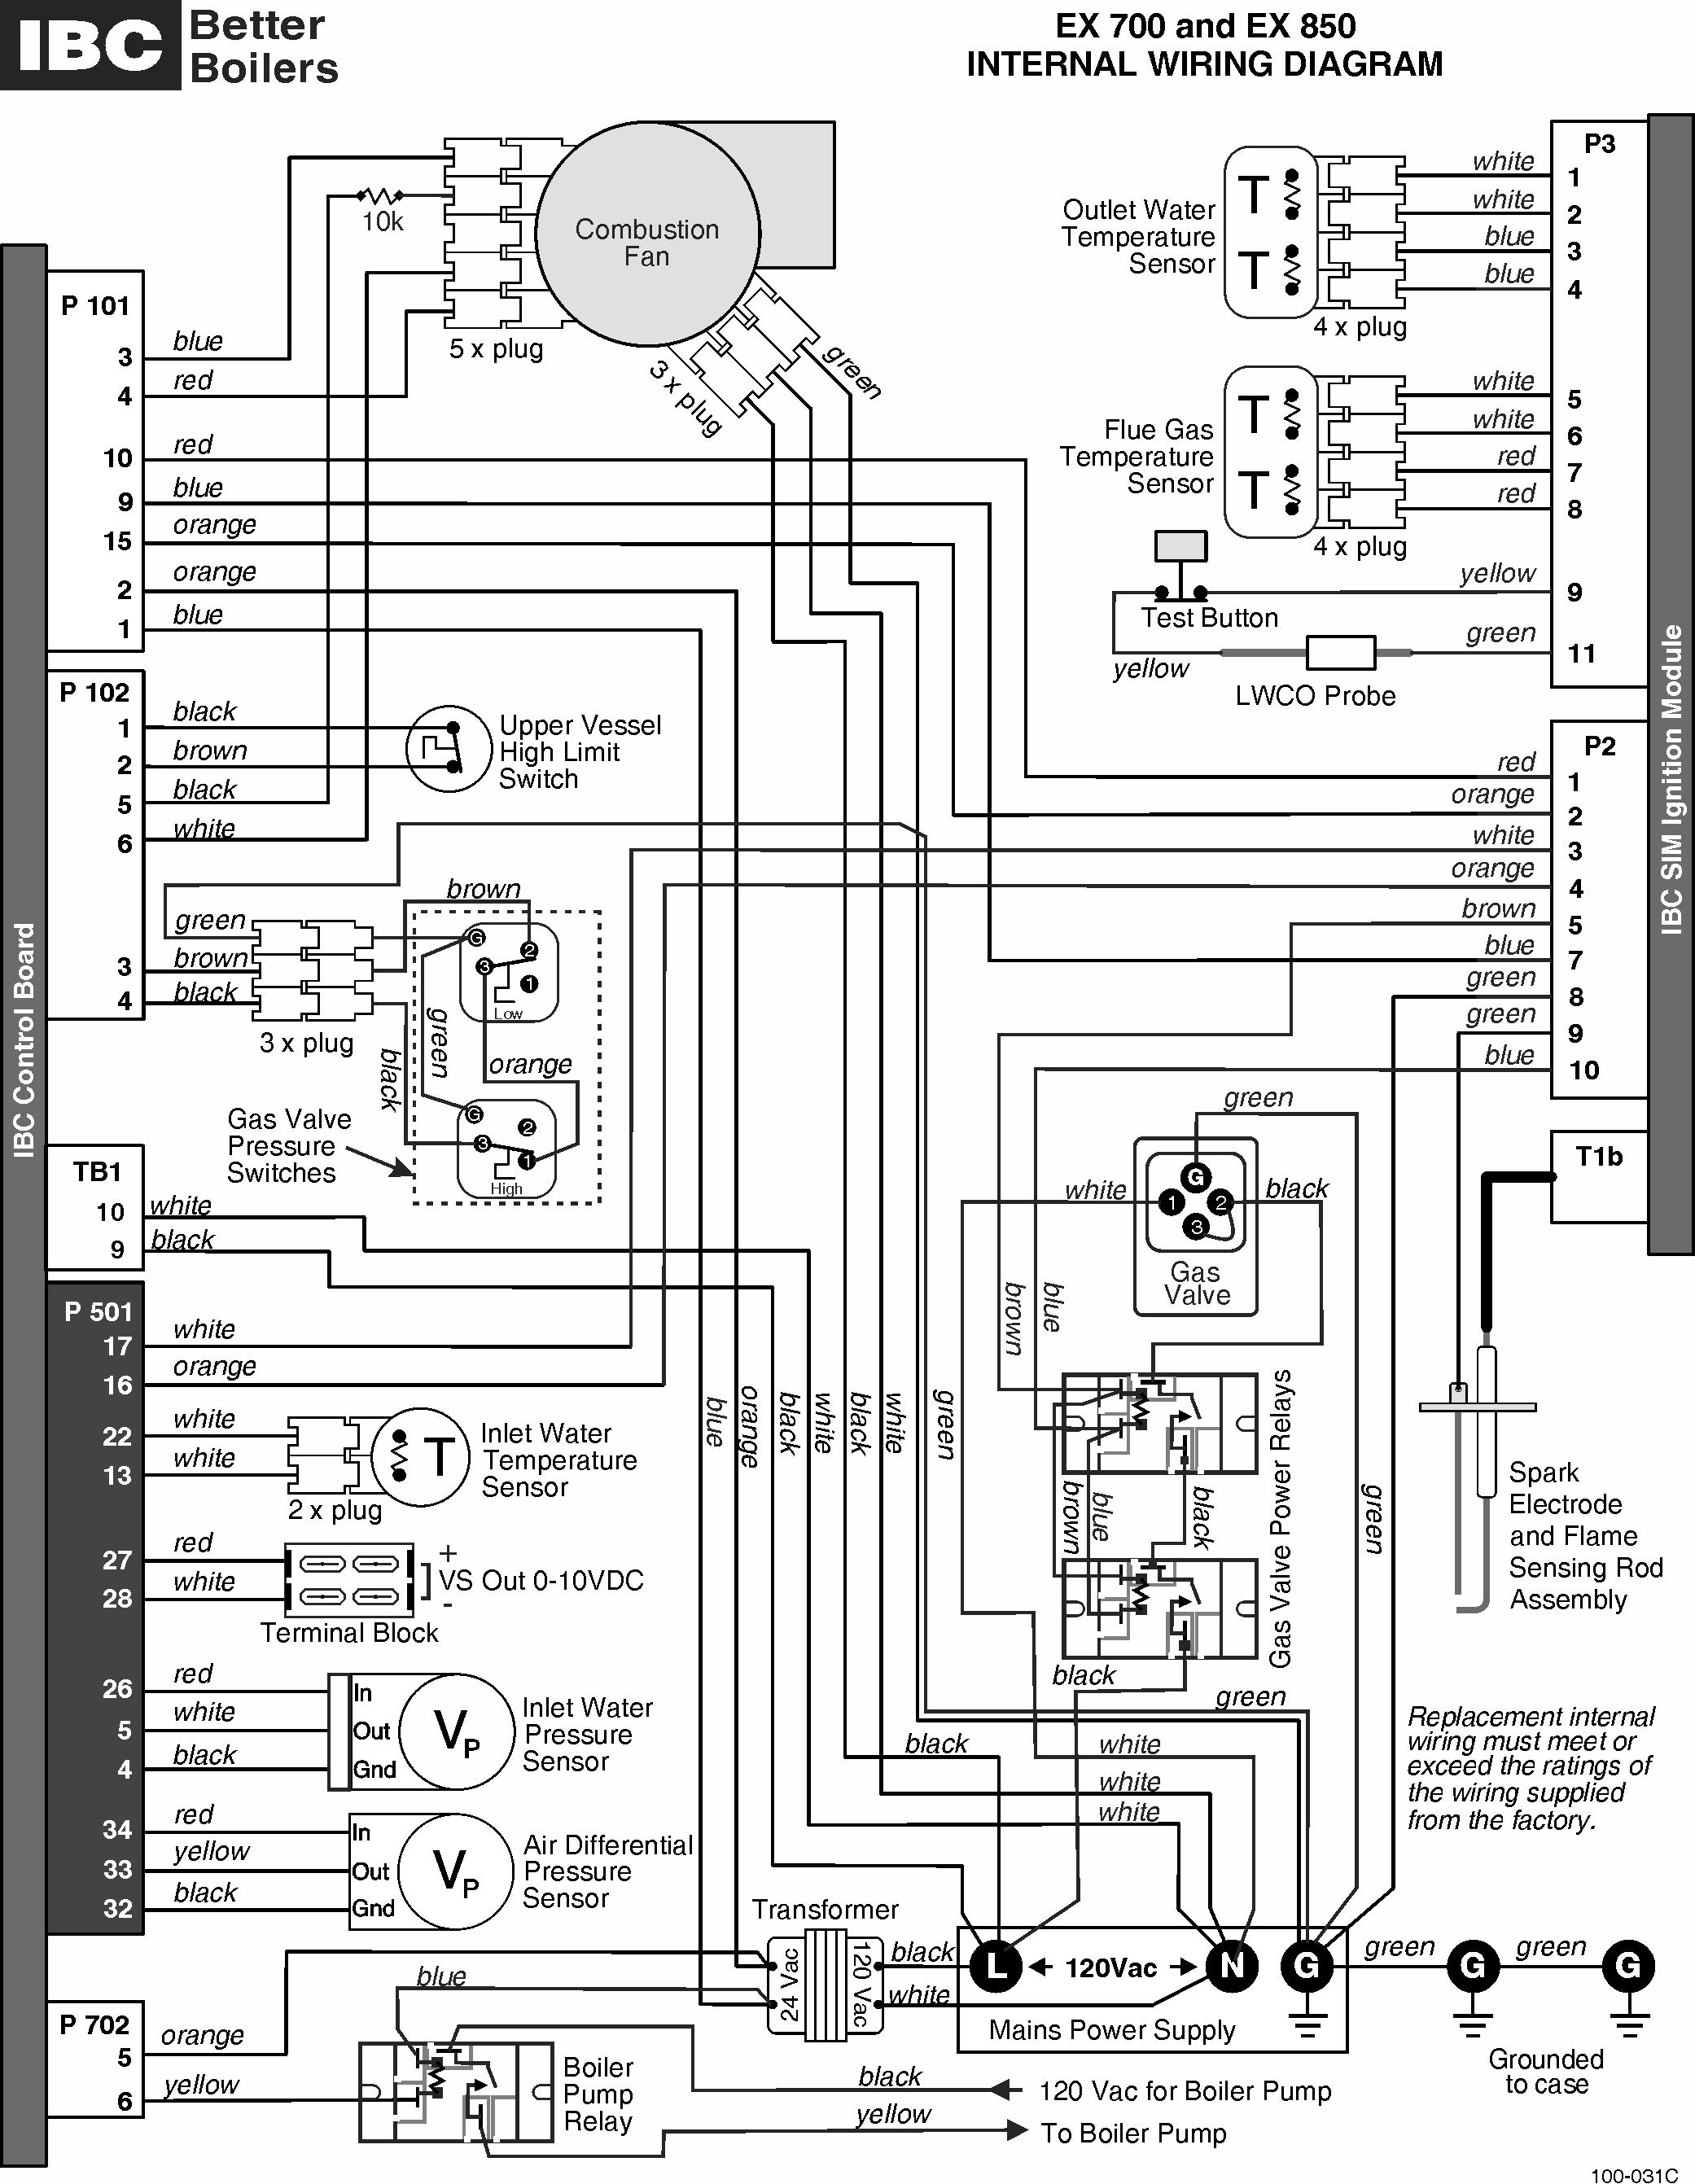 DIAGRAM] Fireye Eb 700 Wiring Diagram FULL Version HD Quality Wiring Diagram  - THEWIRINGGROUP.DPE-LILLE.FRthewiringgroup.dpe-lille.fr